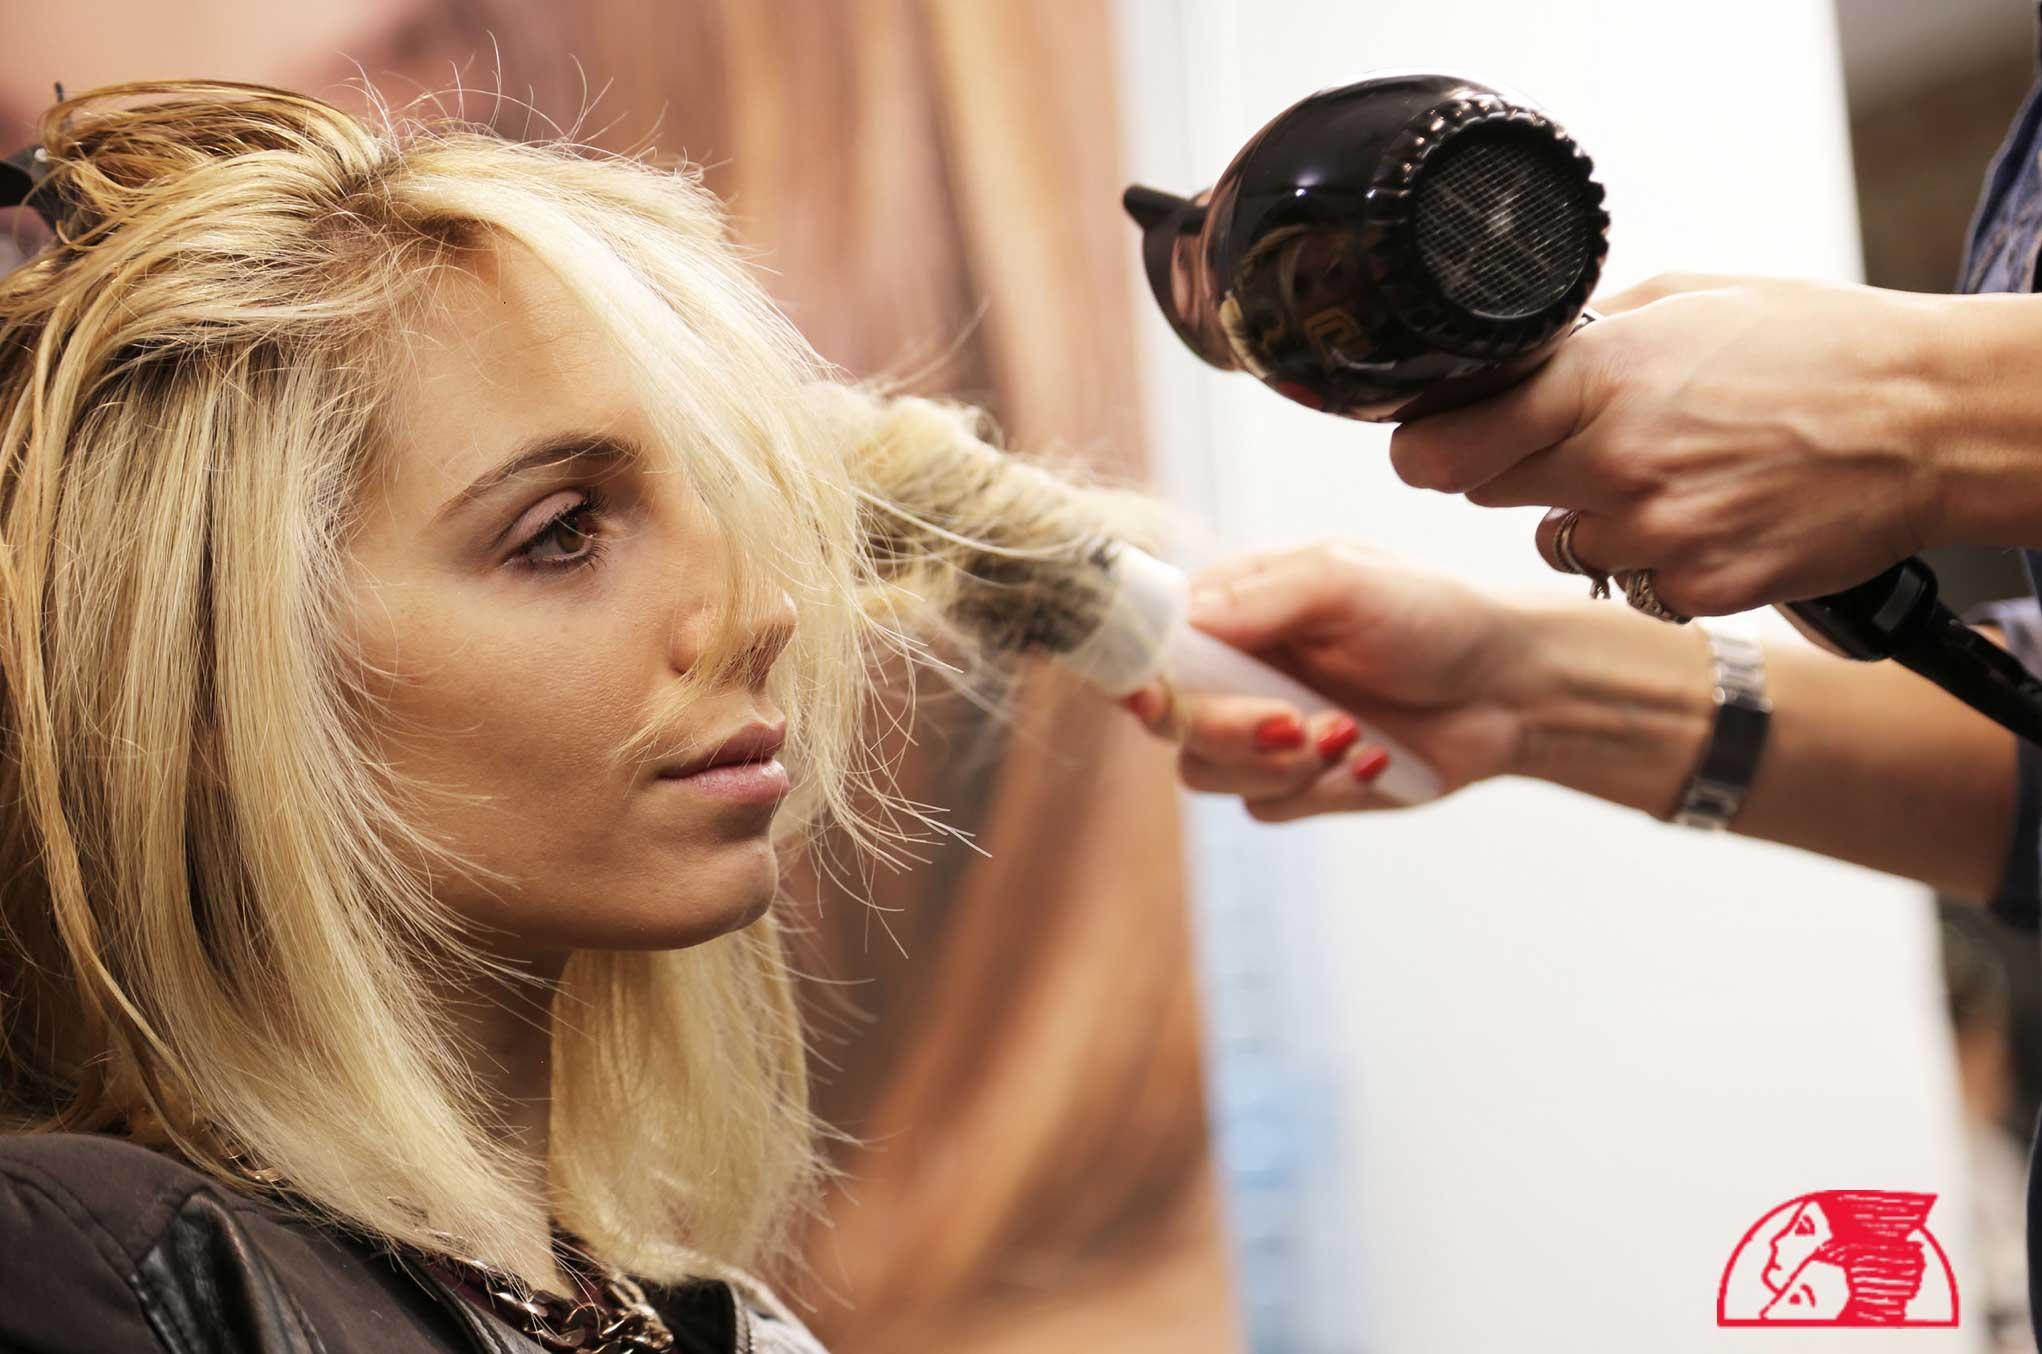 una parrucchiere che sistema i capelli di una ragazza bionda